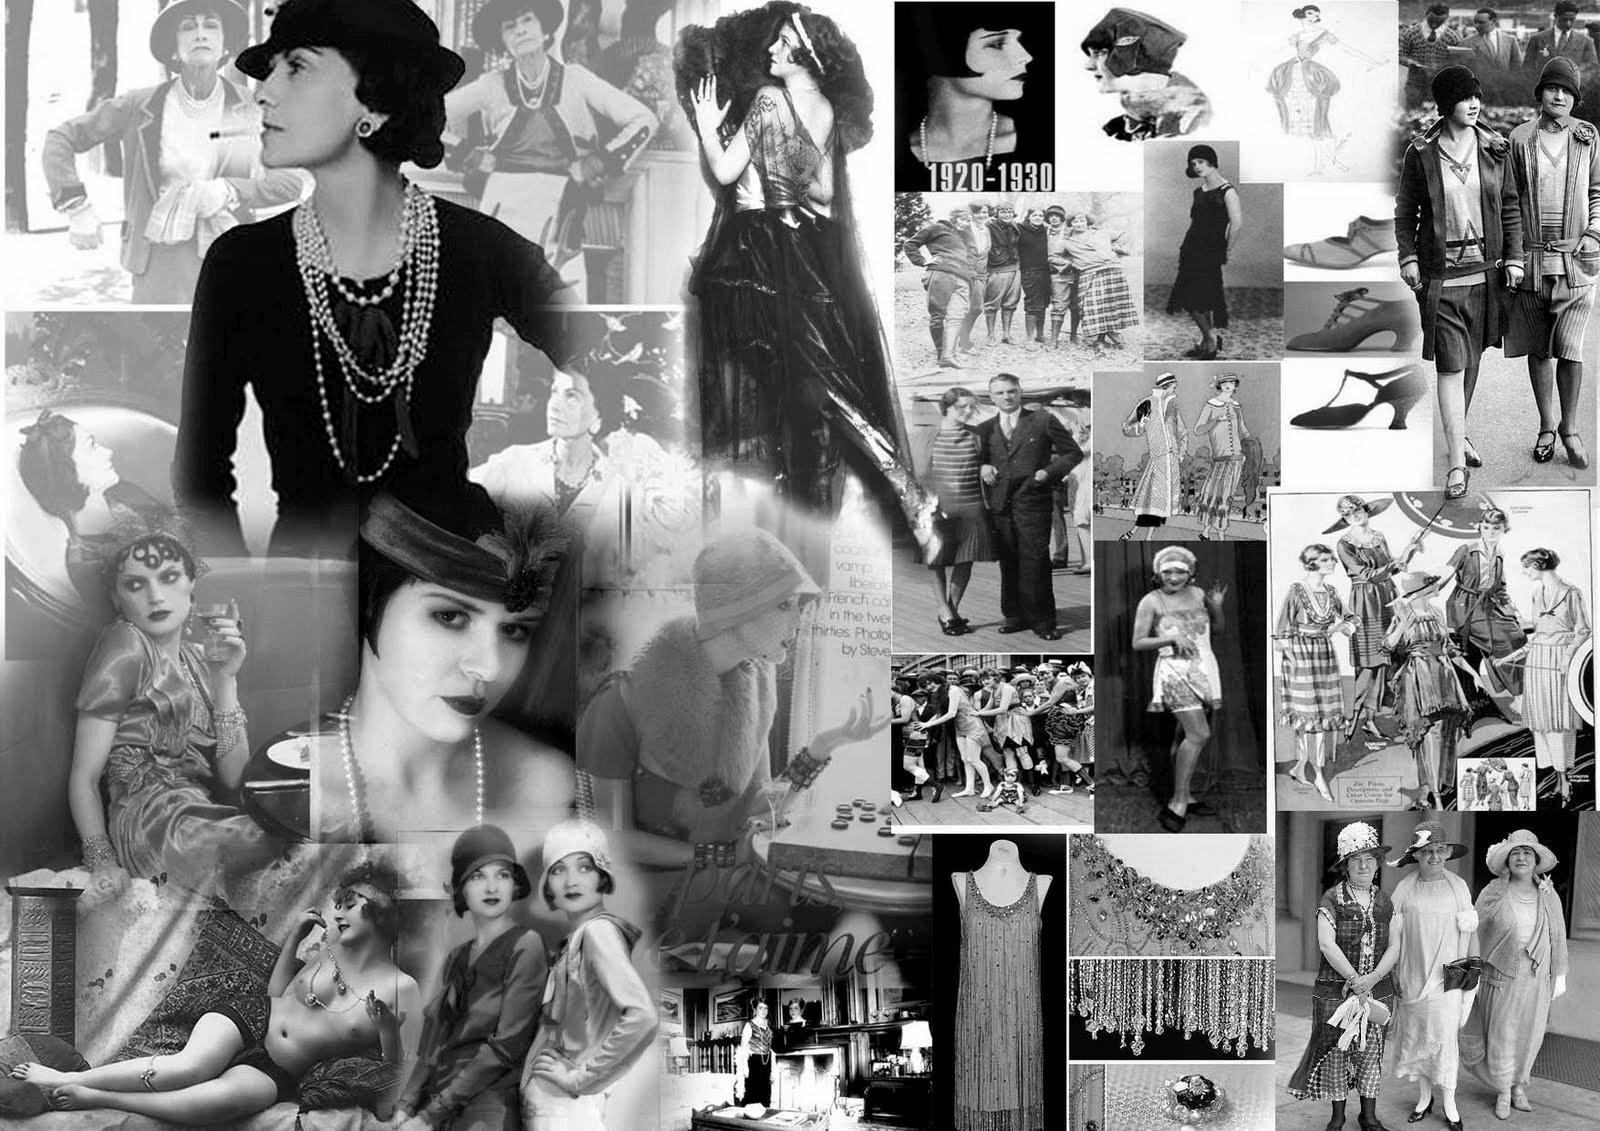 Moda y revolución: estilos que dejaron huella en el siglo XX (primera parte) - Estilo de vida